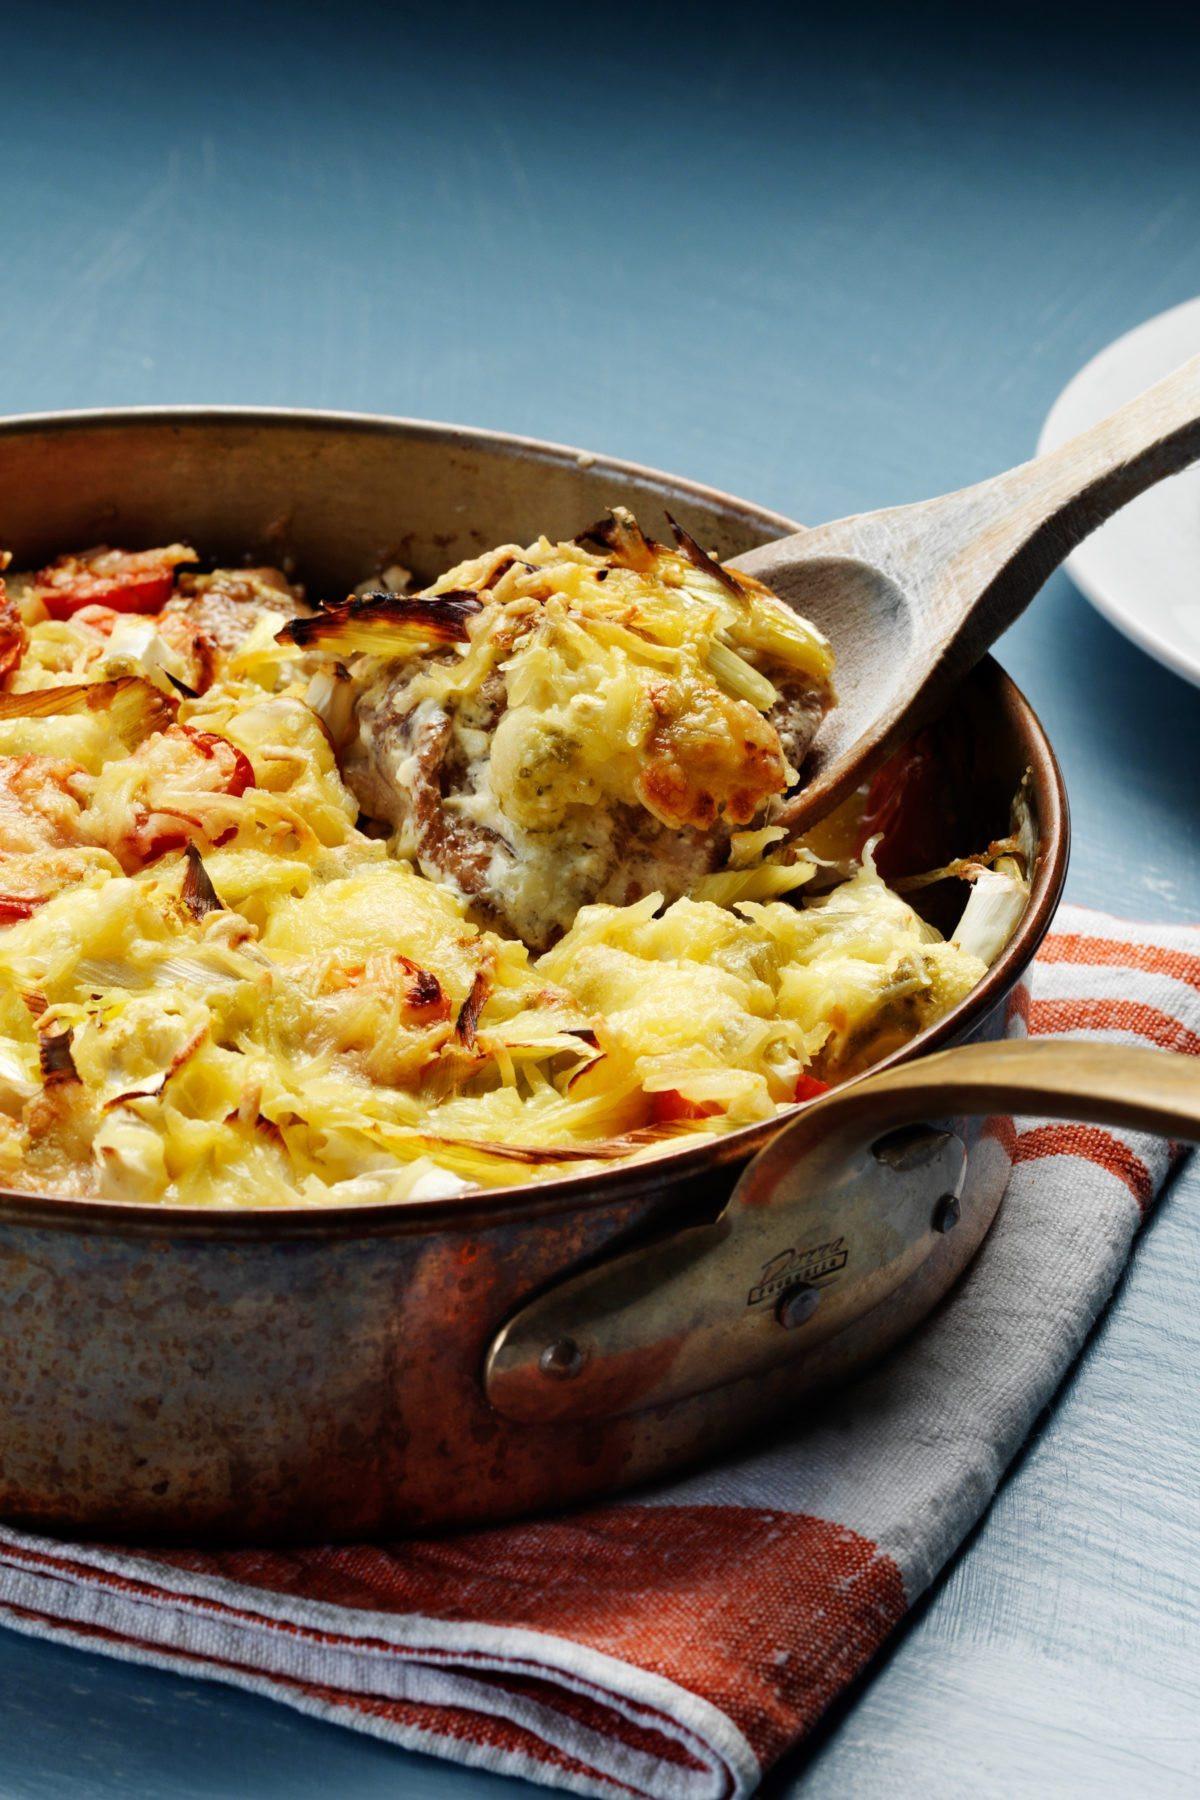 Keto Dinner Recipes Chicken Casserole  Keto chicken casserole Diet Doctor